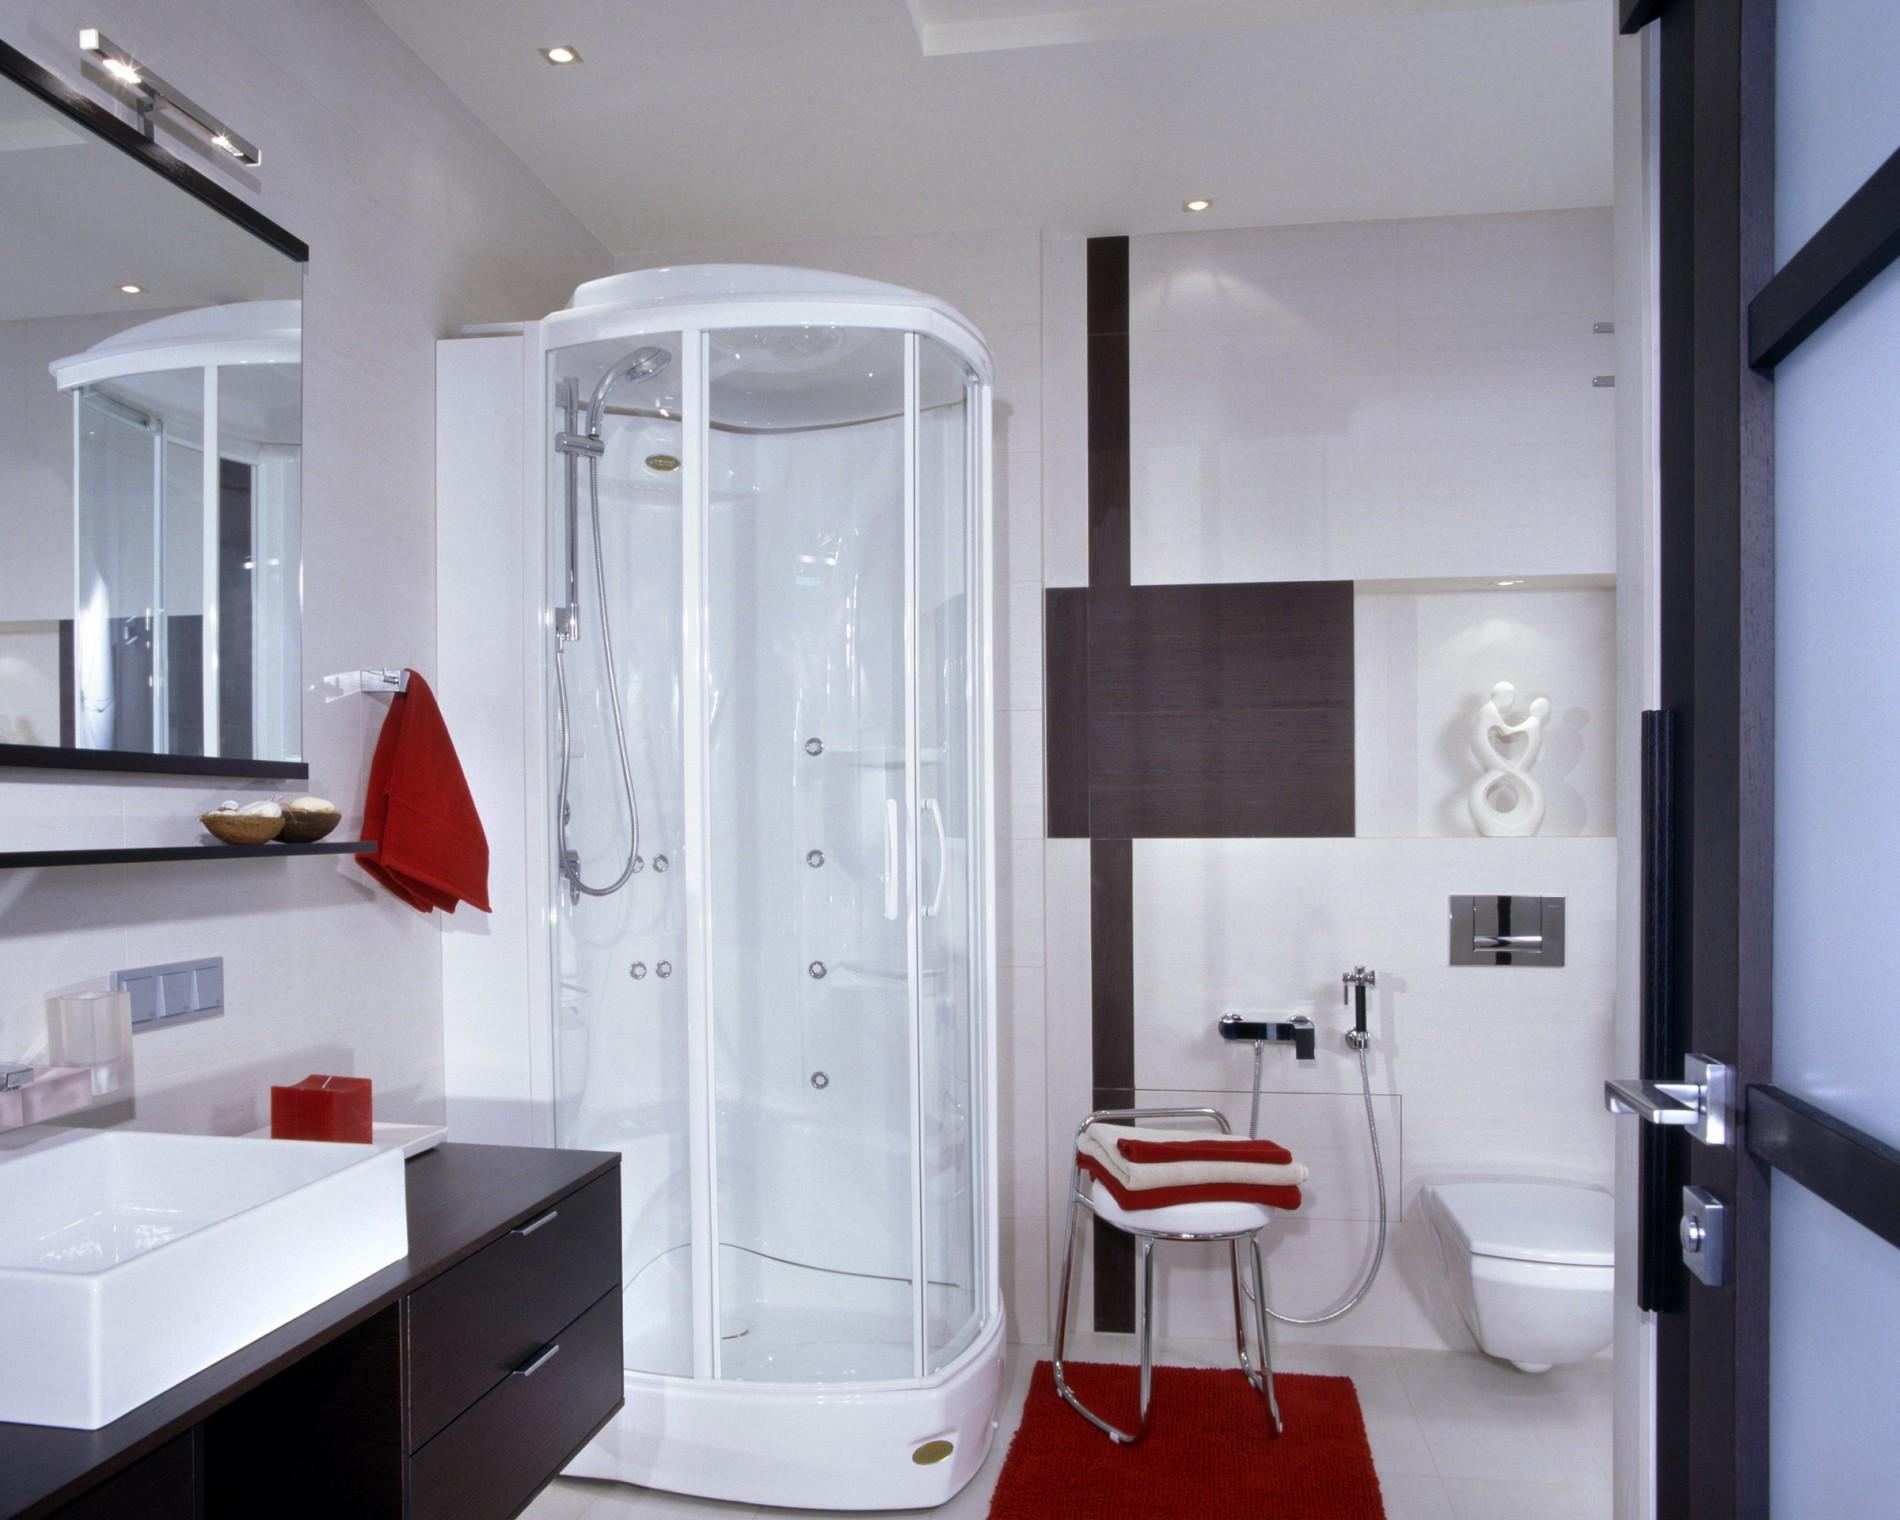 Реальный интерьер ванной под ключ